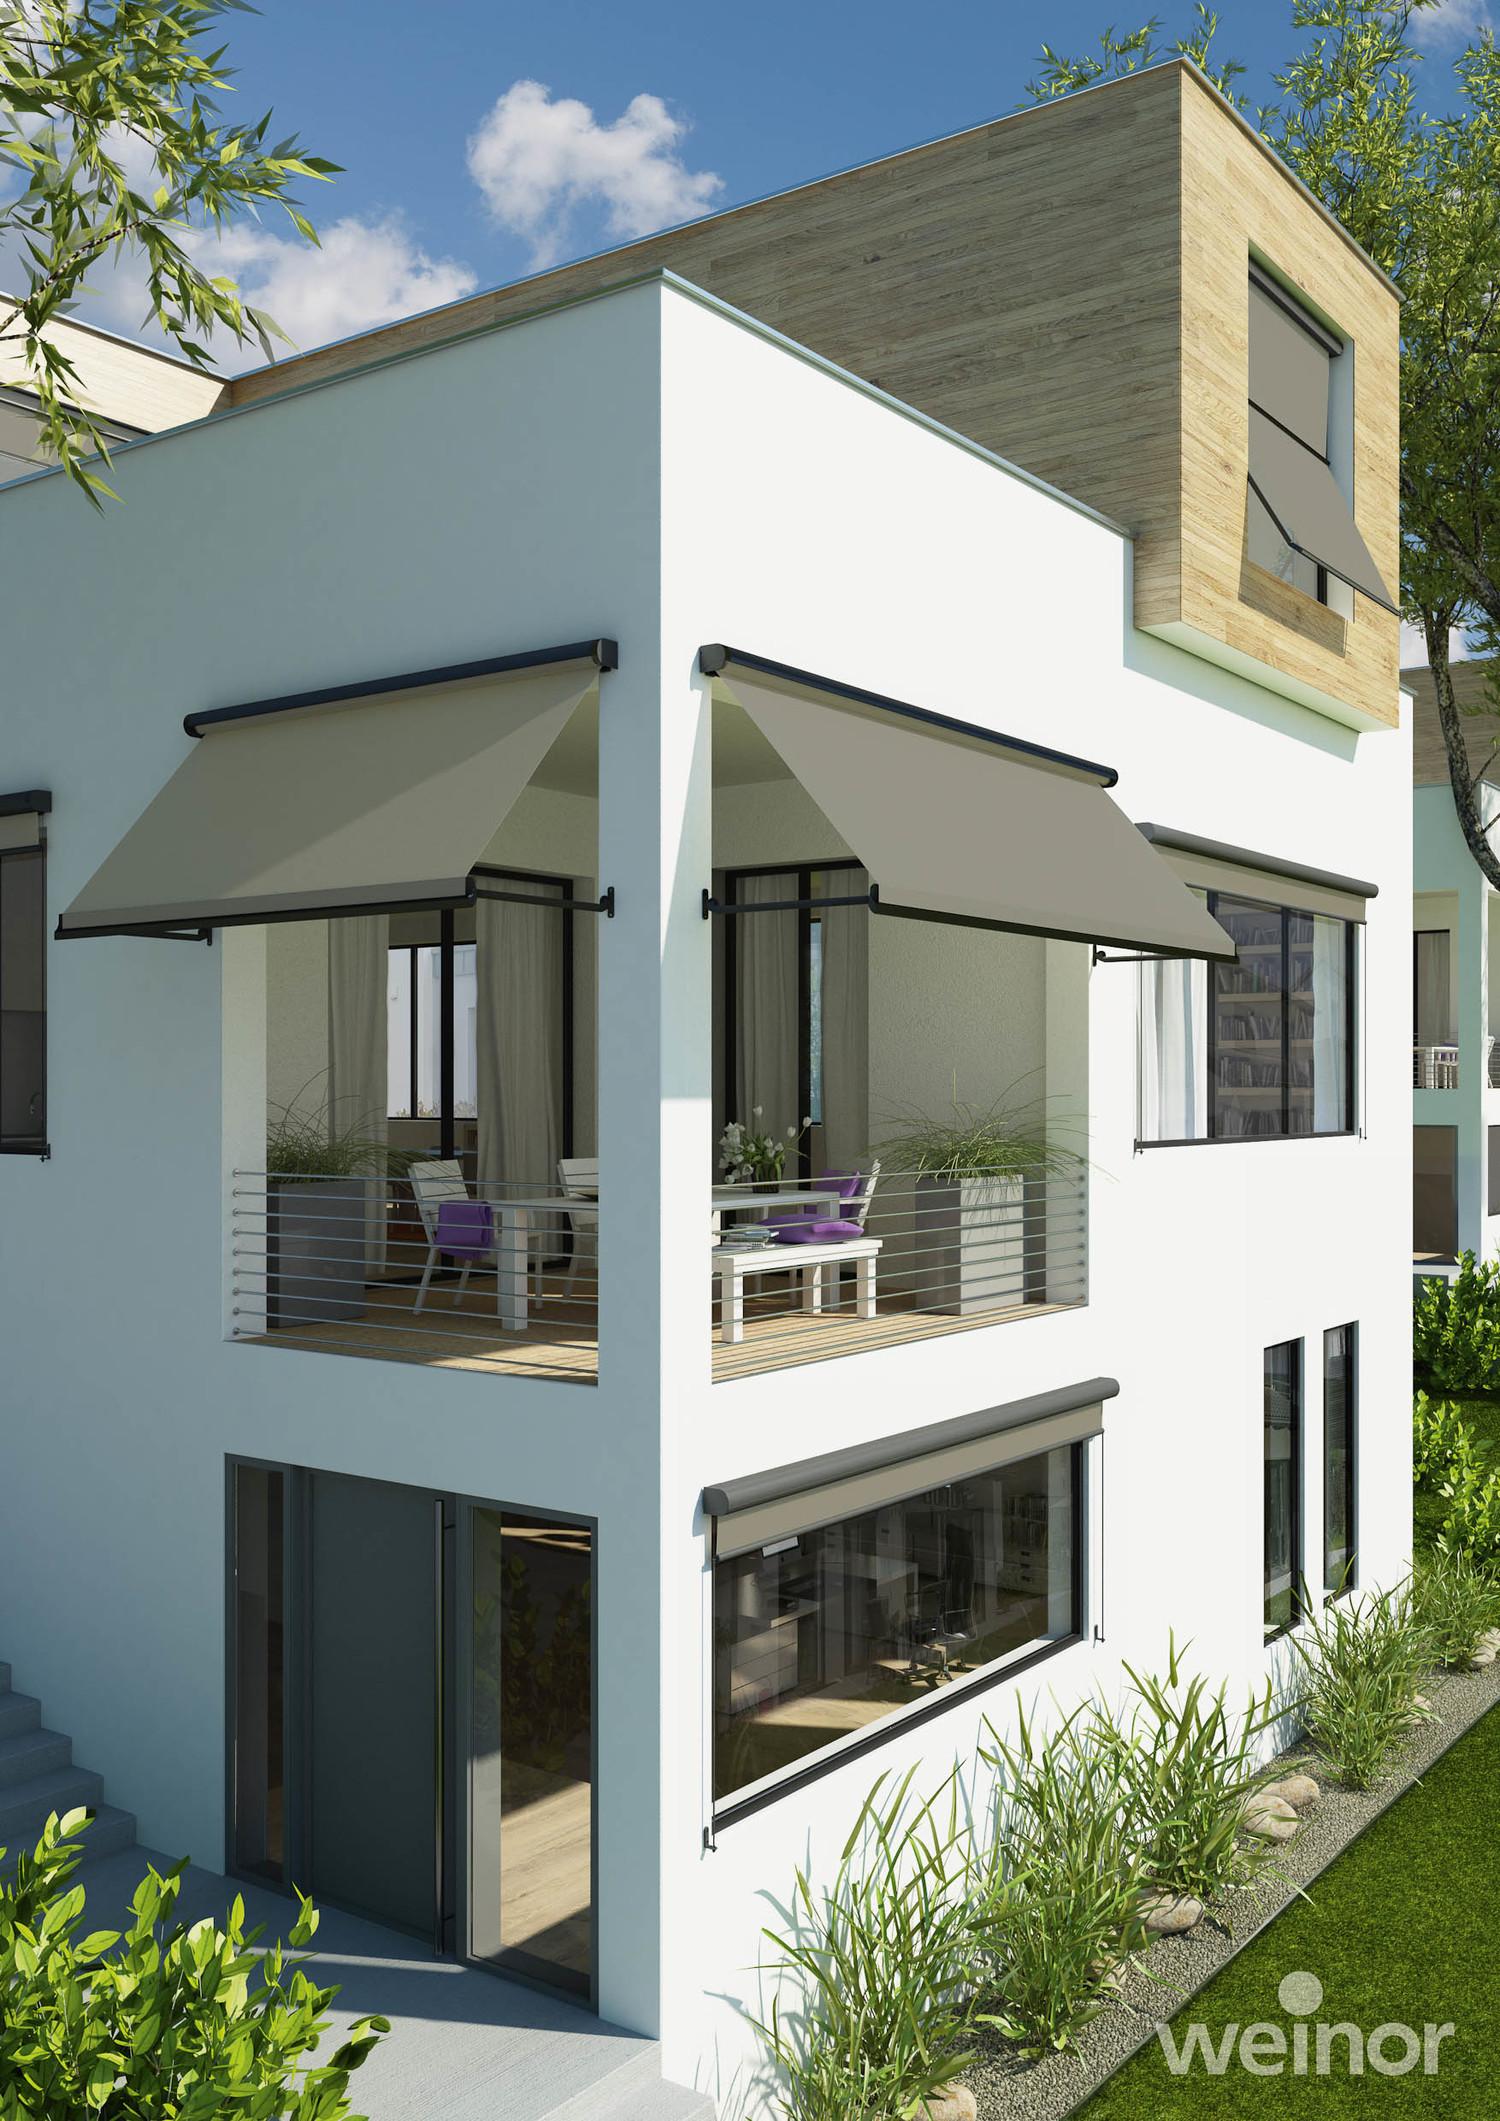 markise montieren elegant modell k warema als with markise montieren terrassen markisen preise. Black Bedroom Furniture Sets. Home Design Ideas